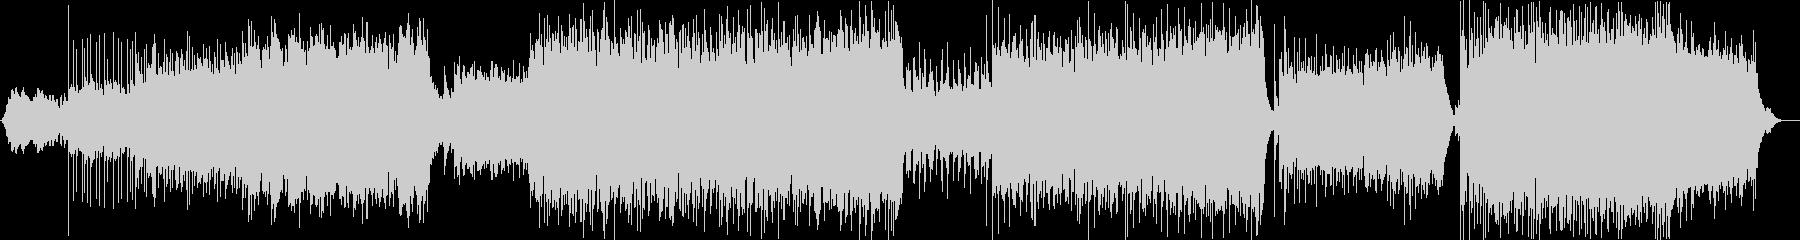 エレクトロなデジタルロックの未再生の波形